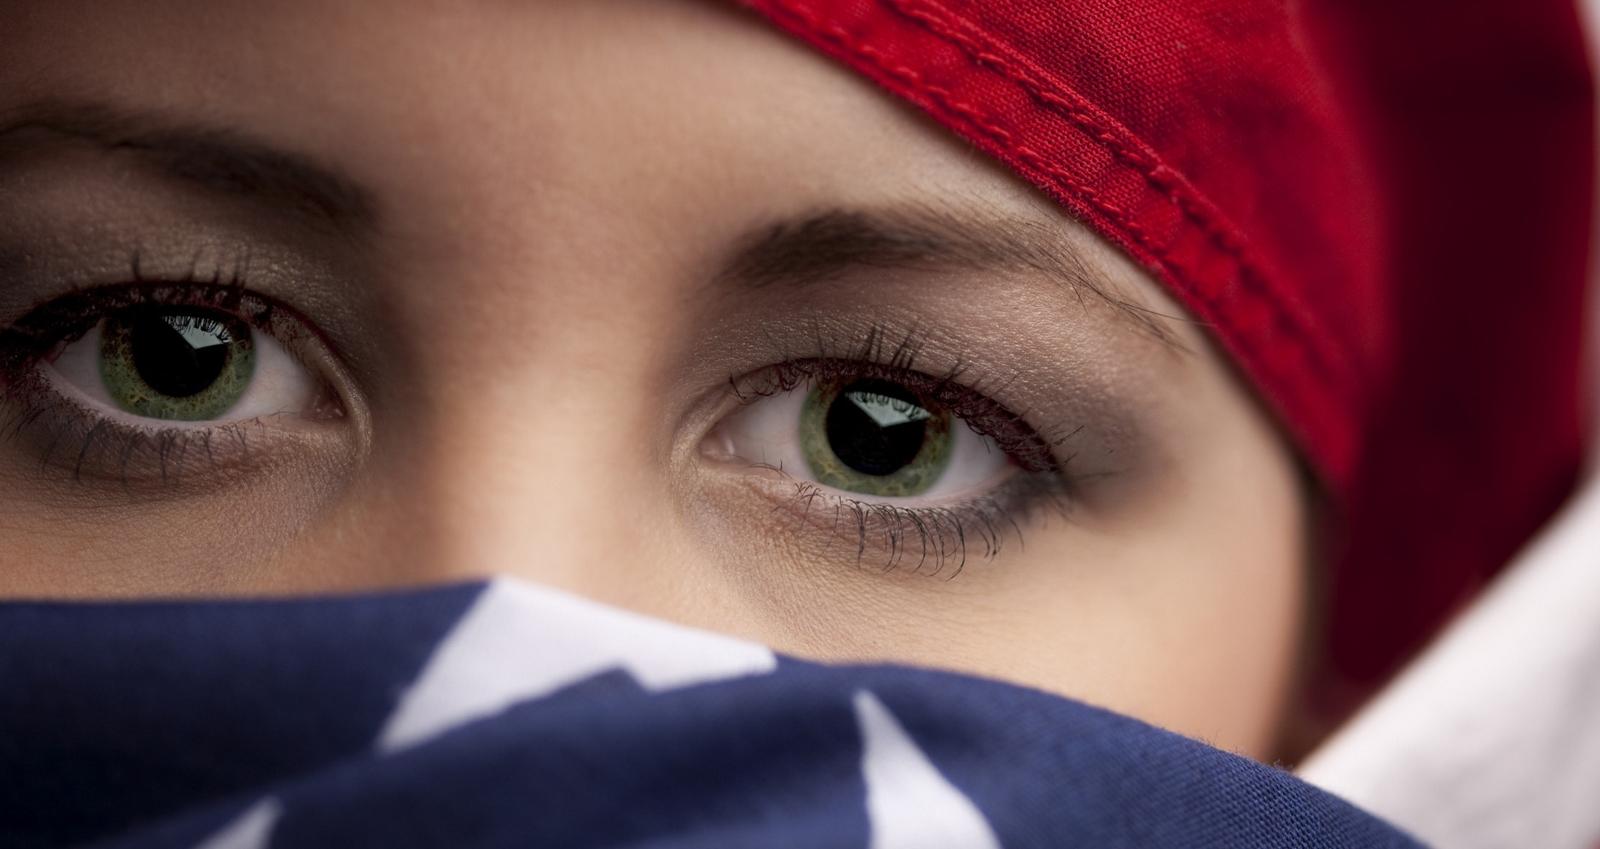 La ola de CONVERSIONES de Musulmanes al Cristianismo [un secreto a voces]